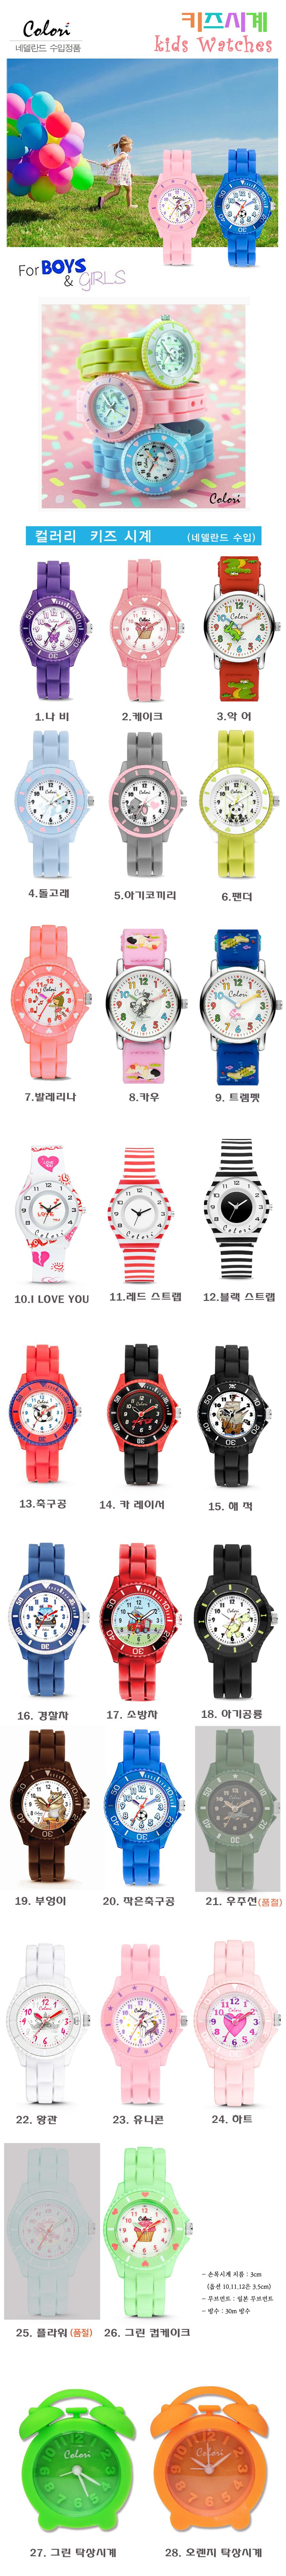 돌고래 어린이시계  손목시계 아동시계 키즈시계 패션시계 - 발란스3000, 49,000원, 여성시계, 패션시계